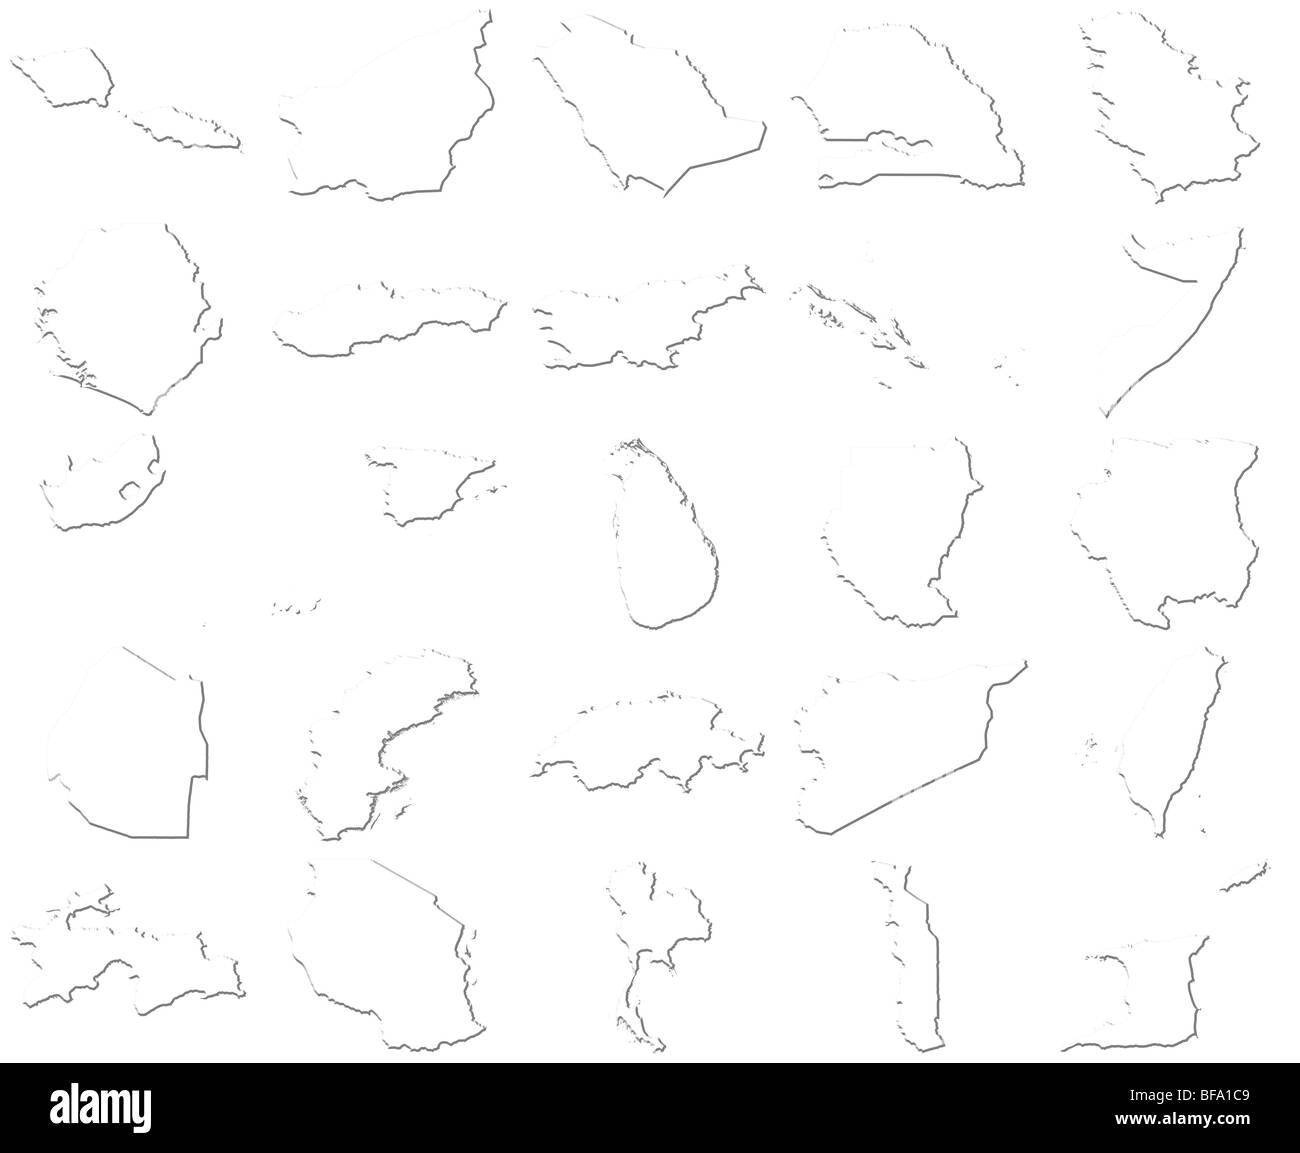 Samoa-Trinidad and Tobago 3D White Maps - Stock Image